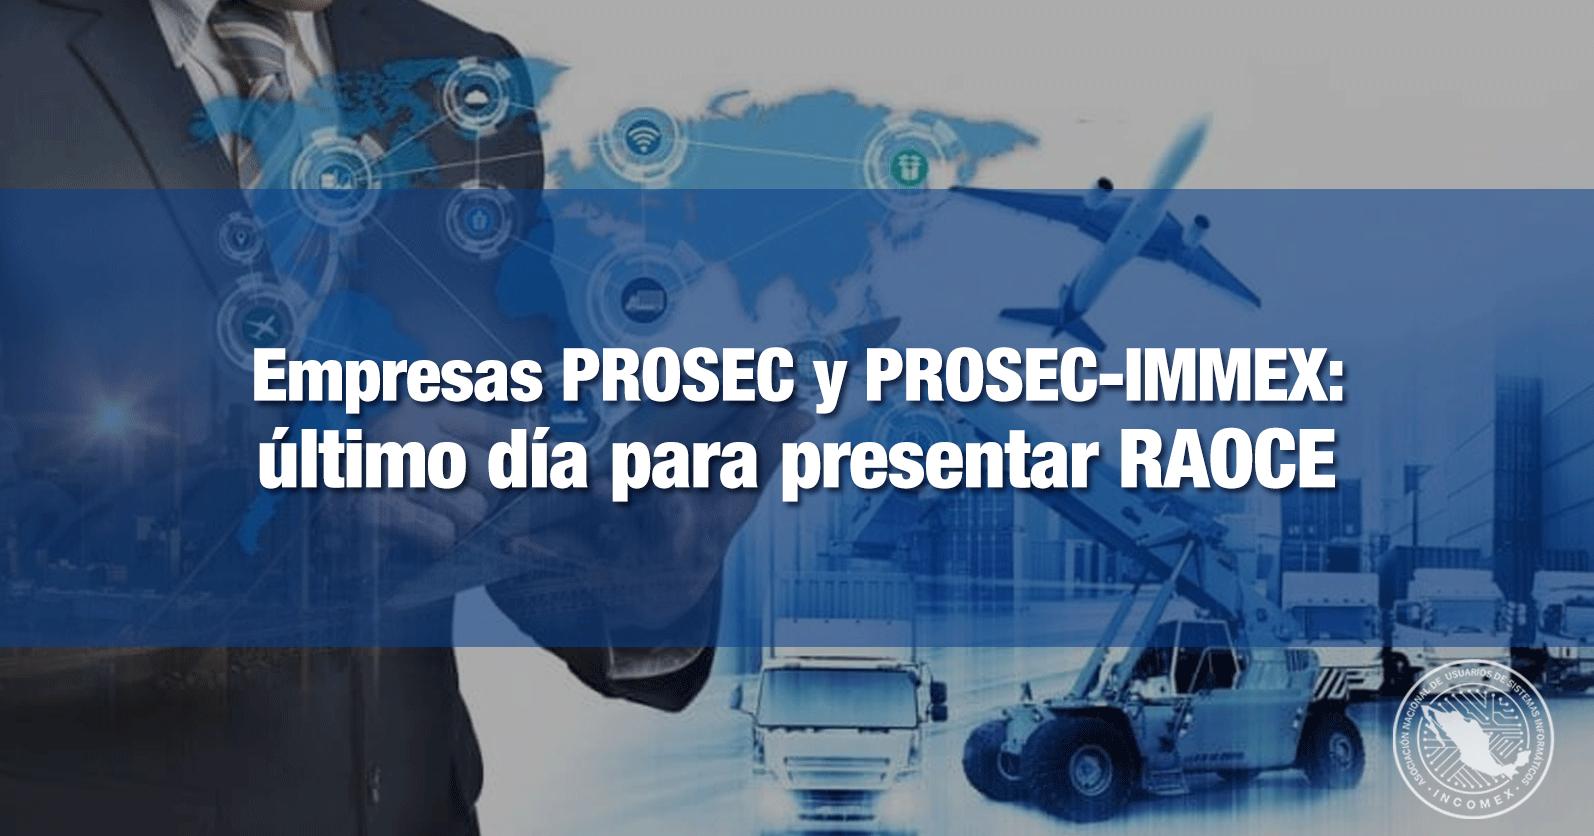 Empresas PROSEC y PROSEC-IMMEX: último día para presentar RAOCE